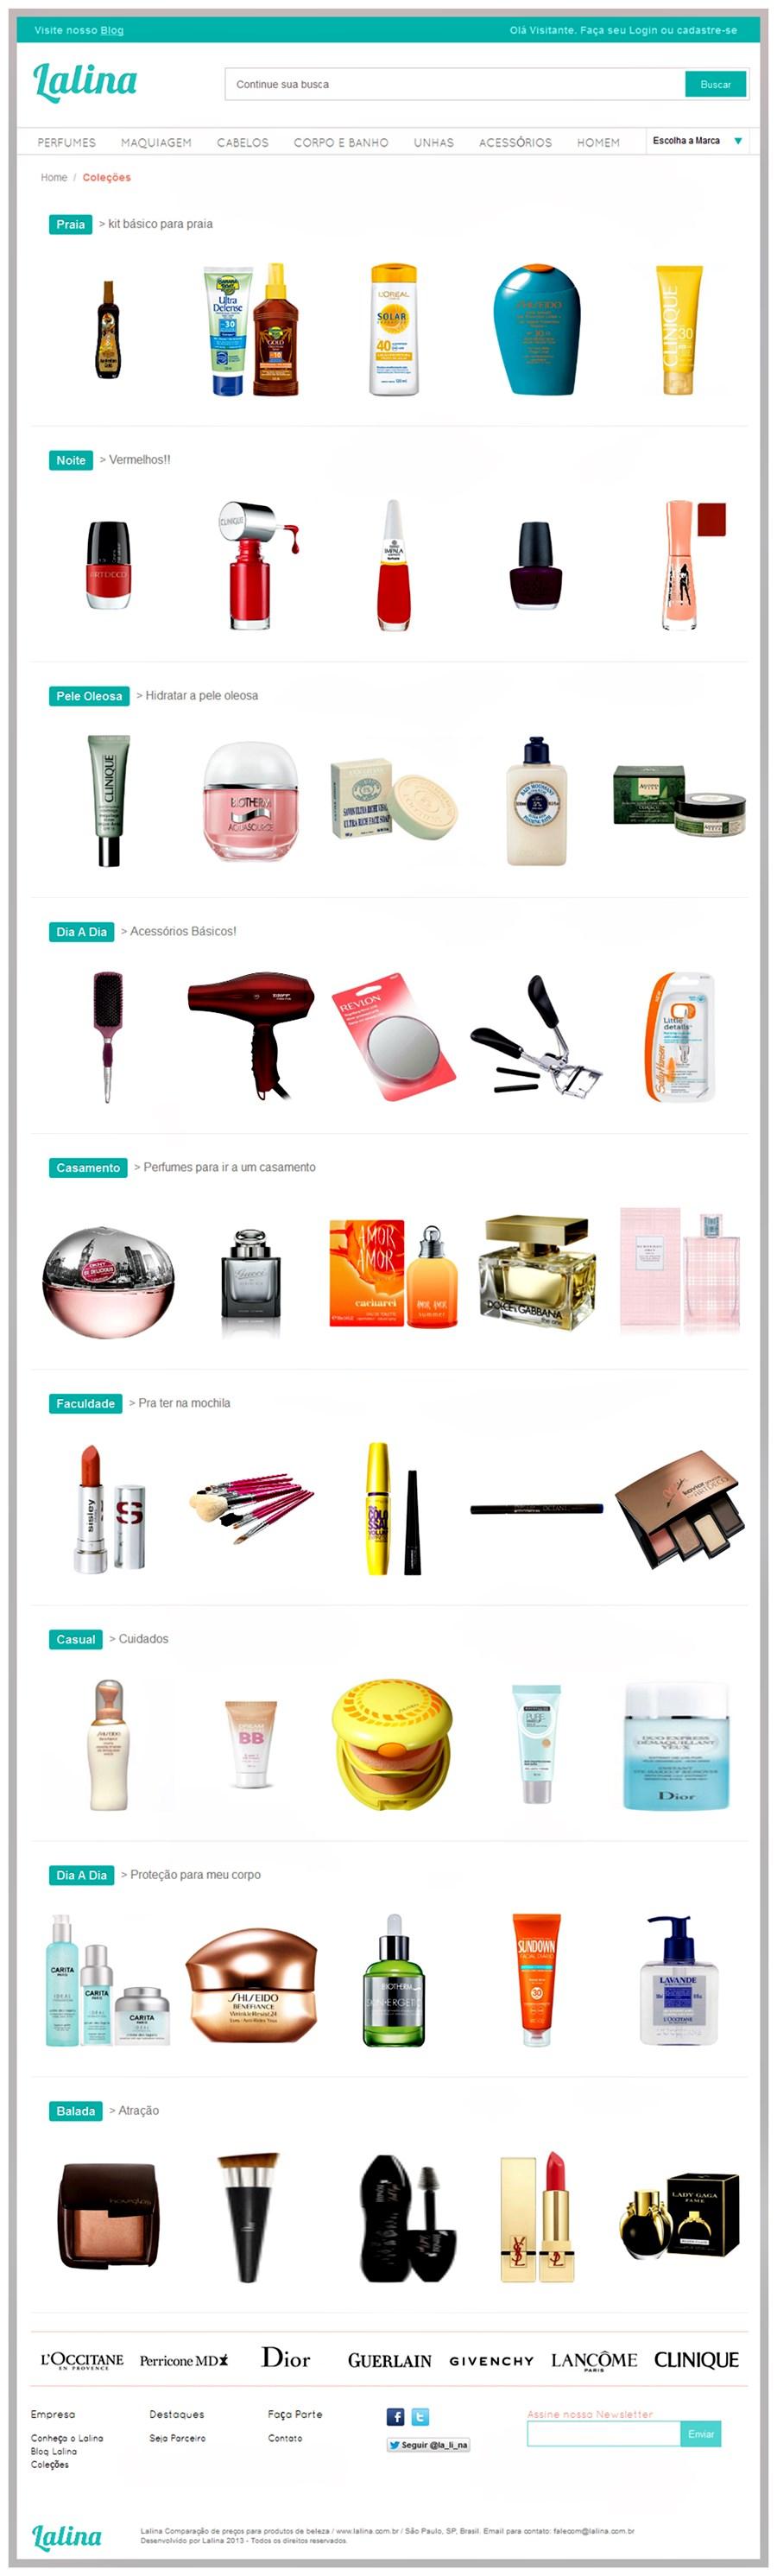 Lalina - maquiagem, perfume e produtos de beleza no menor preço coleções